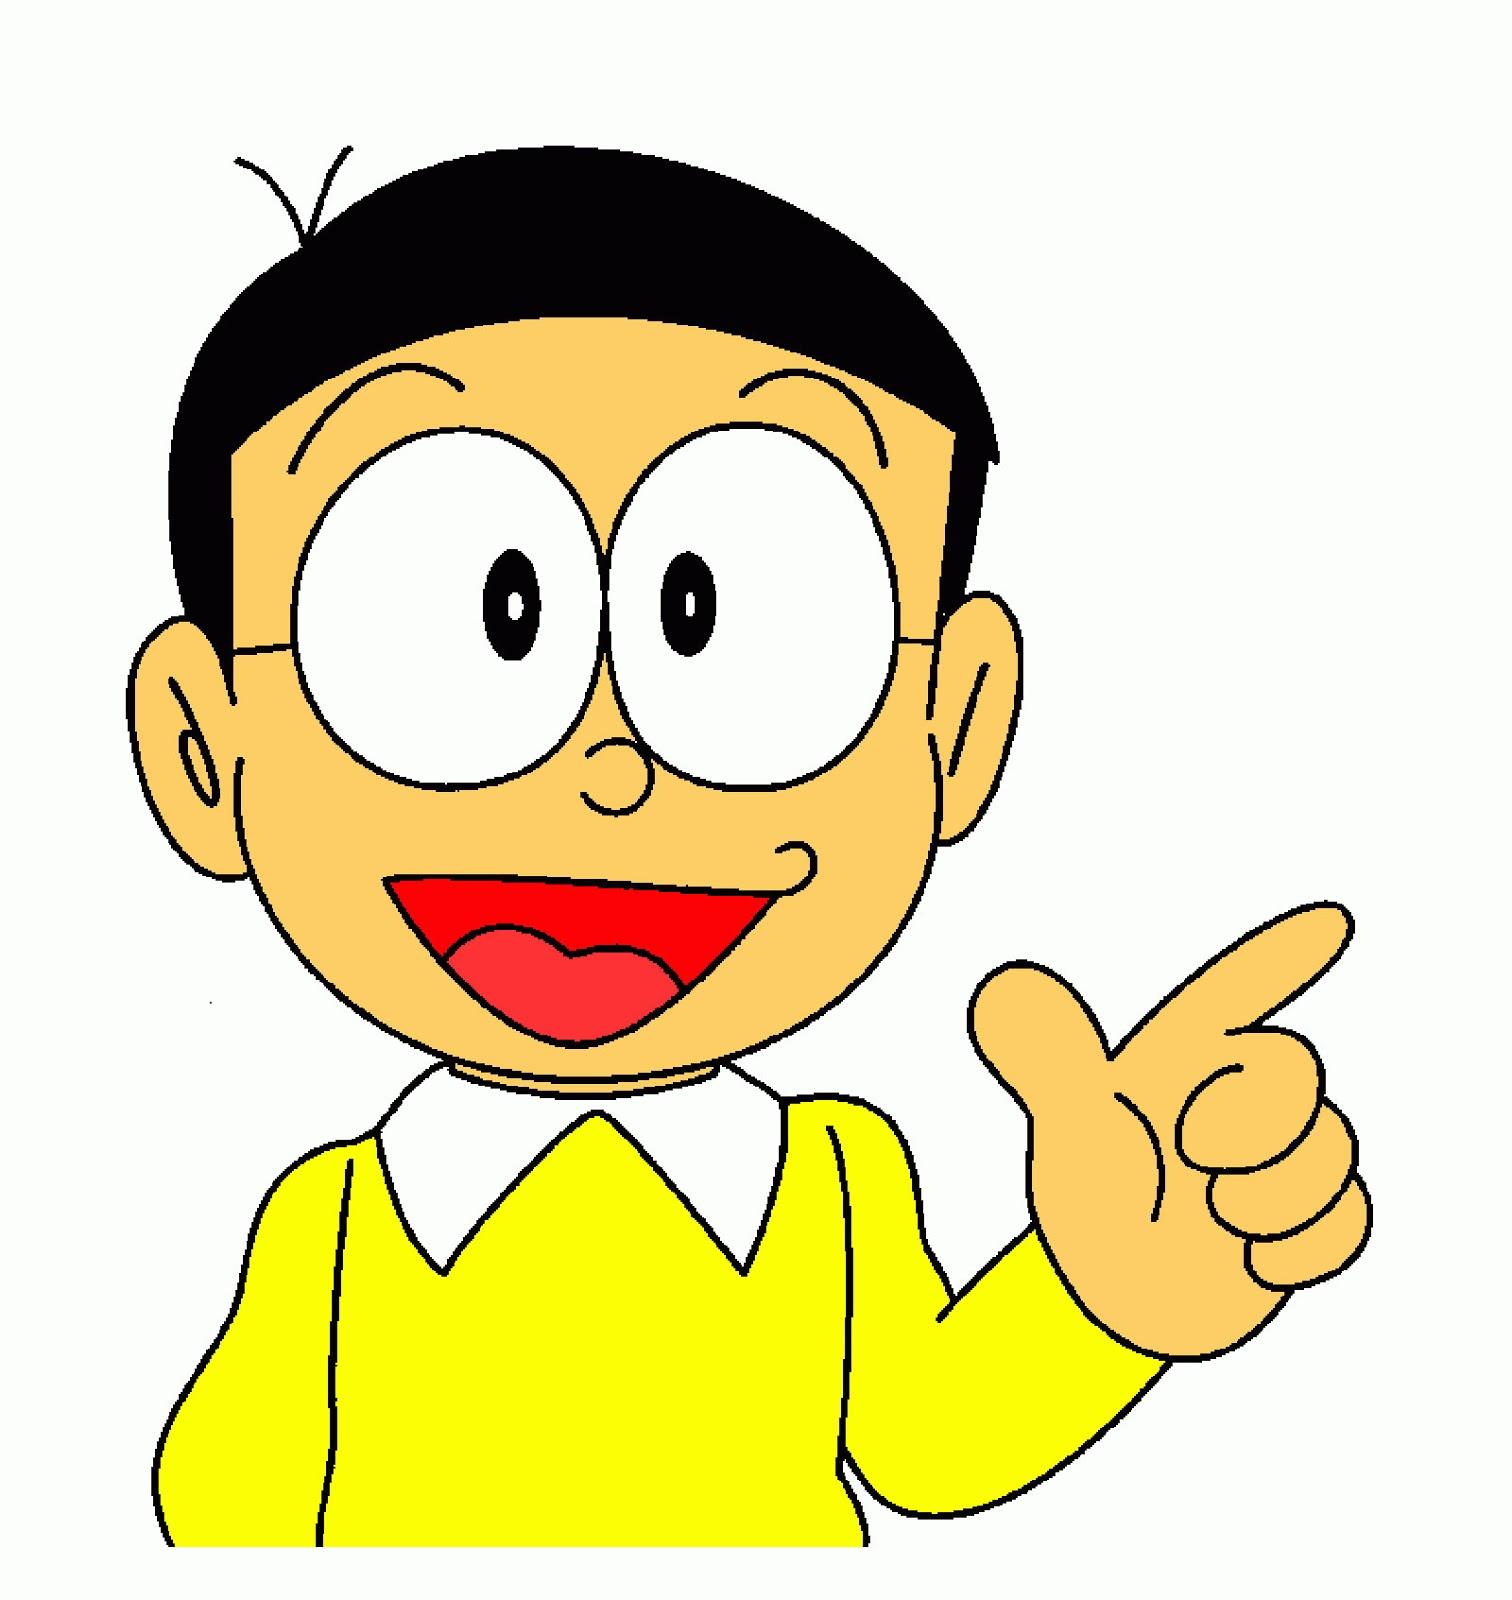 Gambar Kartun Doraemon Sedang Belajar